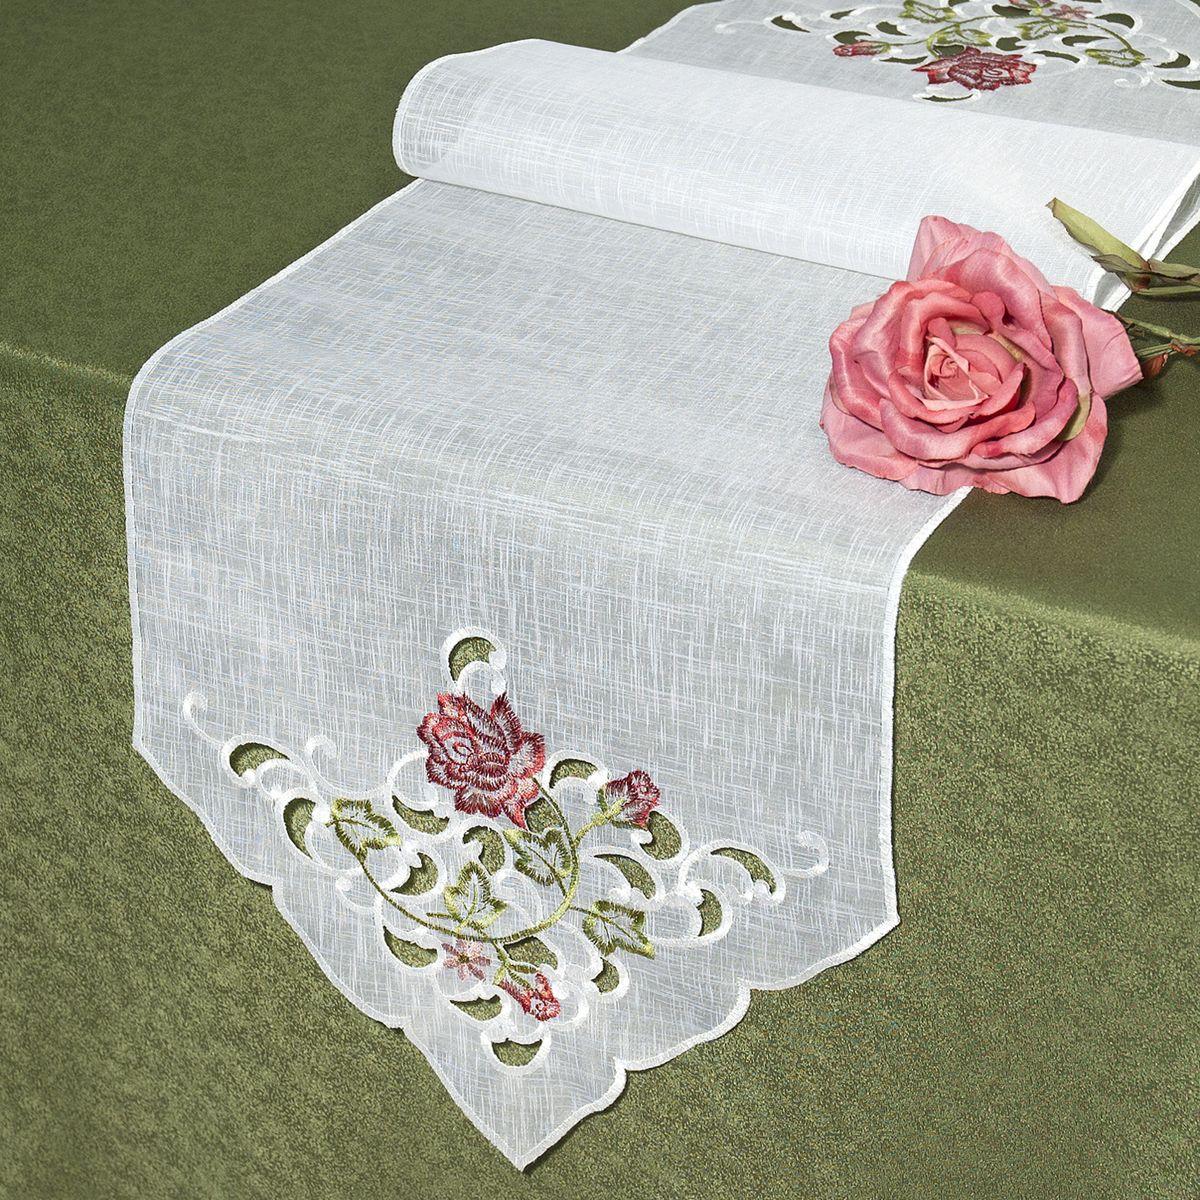 Дорожка для декорирования стола Schaefer, прямоугольная, цвет: белый, 35 x 140 см 07226-23007226-230Дорожка Schaefer выполнена из высококачественного полиэстера. Края изделия оформлены вышивкой в технике ришелье. Вы можете использовать дорожку для декорирования стола, комода или журнального столика. Благодаря такой дорожке вы защитите поверхность мебели от воды, пятен и механических воздействий, а также создадите атмосферу уюта и домашнего тепла в интерьере вашей квартиры. Изделия из искусственных волокон легко стирать: они не мнутся, не садятся и быстро сохнут, они более долговечны, чем изделия из натуральных волокон. Изысканный текстиль от немецкой компании Schaefer - это красота, стиль и уют в вашем доме. Дорожка органично впишется в интерьер любого помещения, а оригинальный дизайн удовлетворит даже самый изысканный вкус. Дарите себе и близким красоту каждый день!